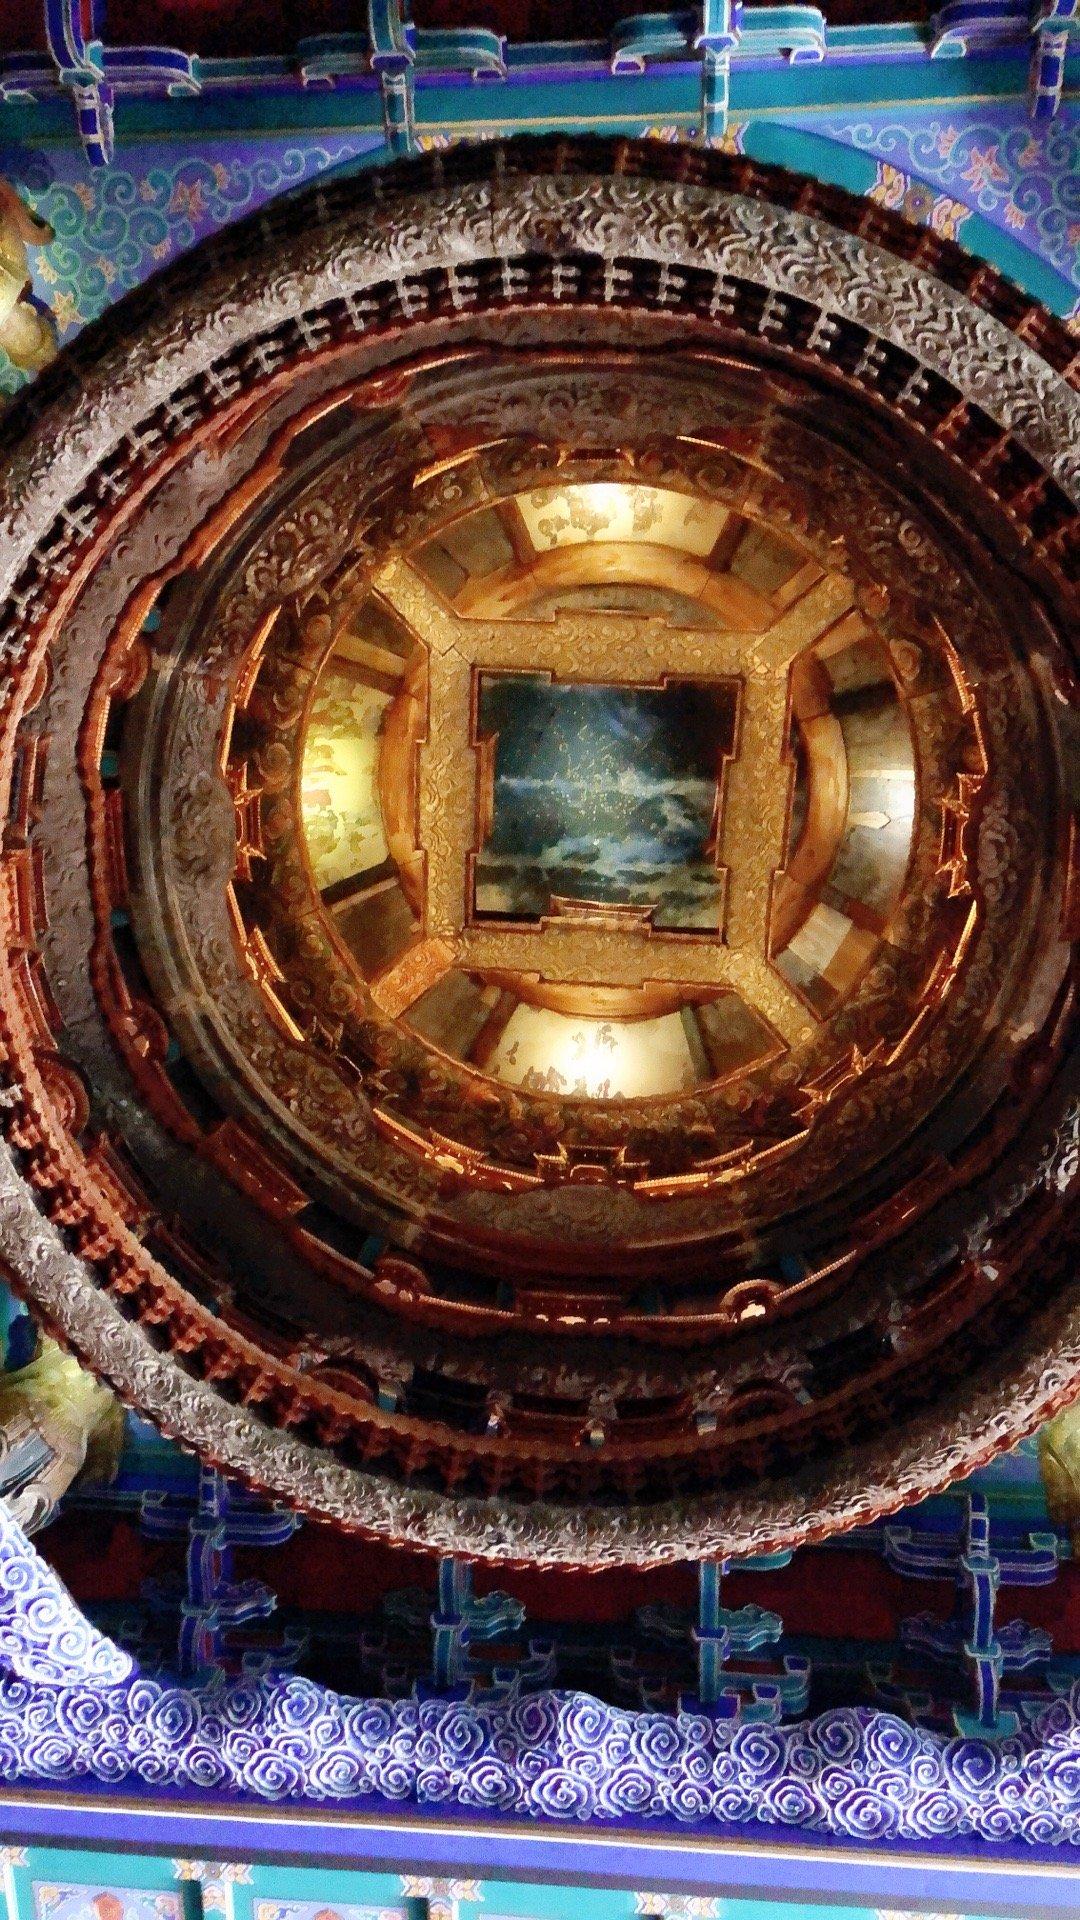 来看了隆福寺藻井。隆福寺藻井是国家一级文物,所属年代为明代